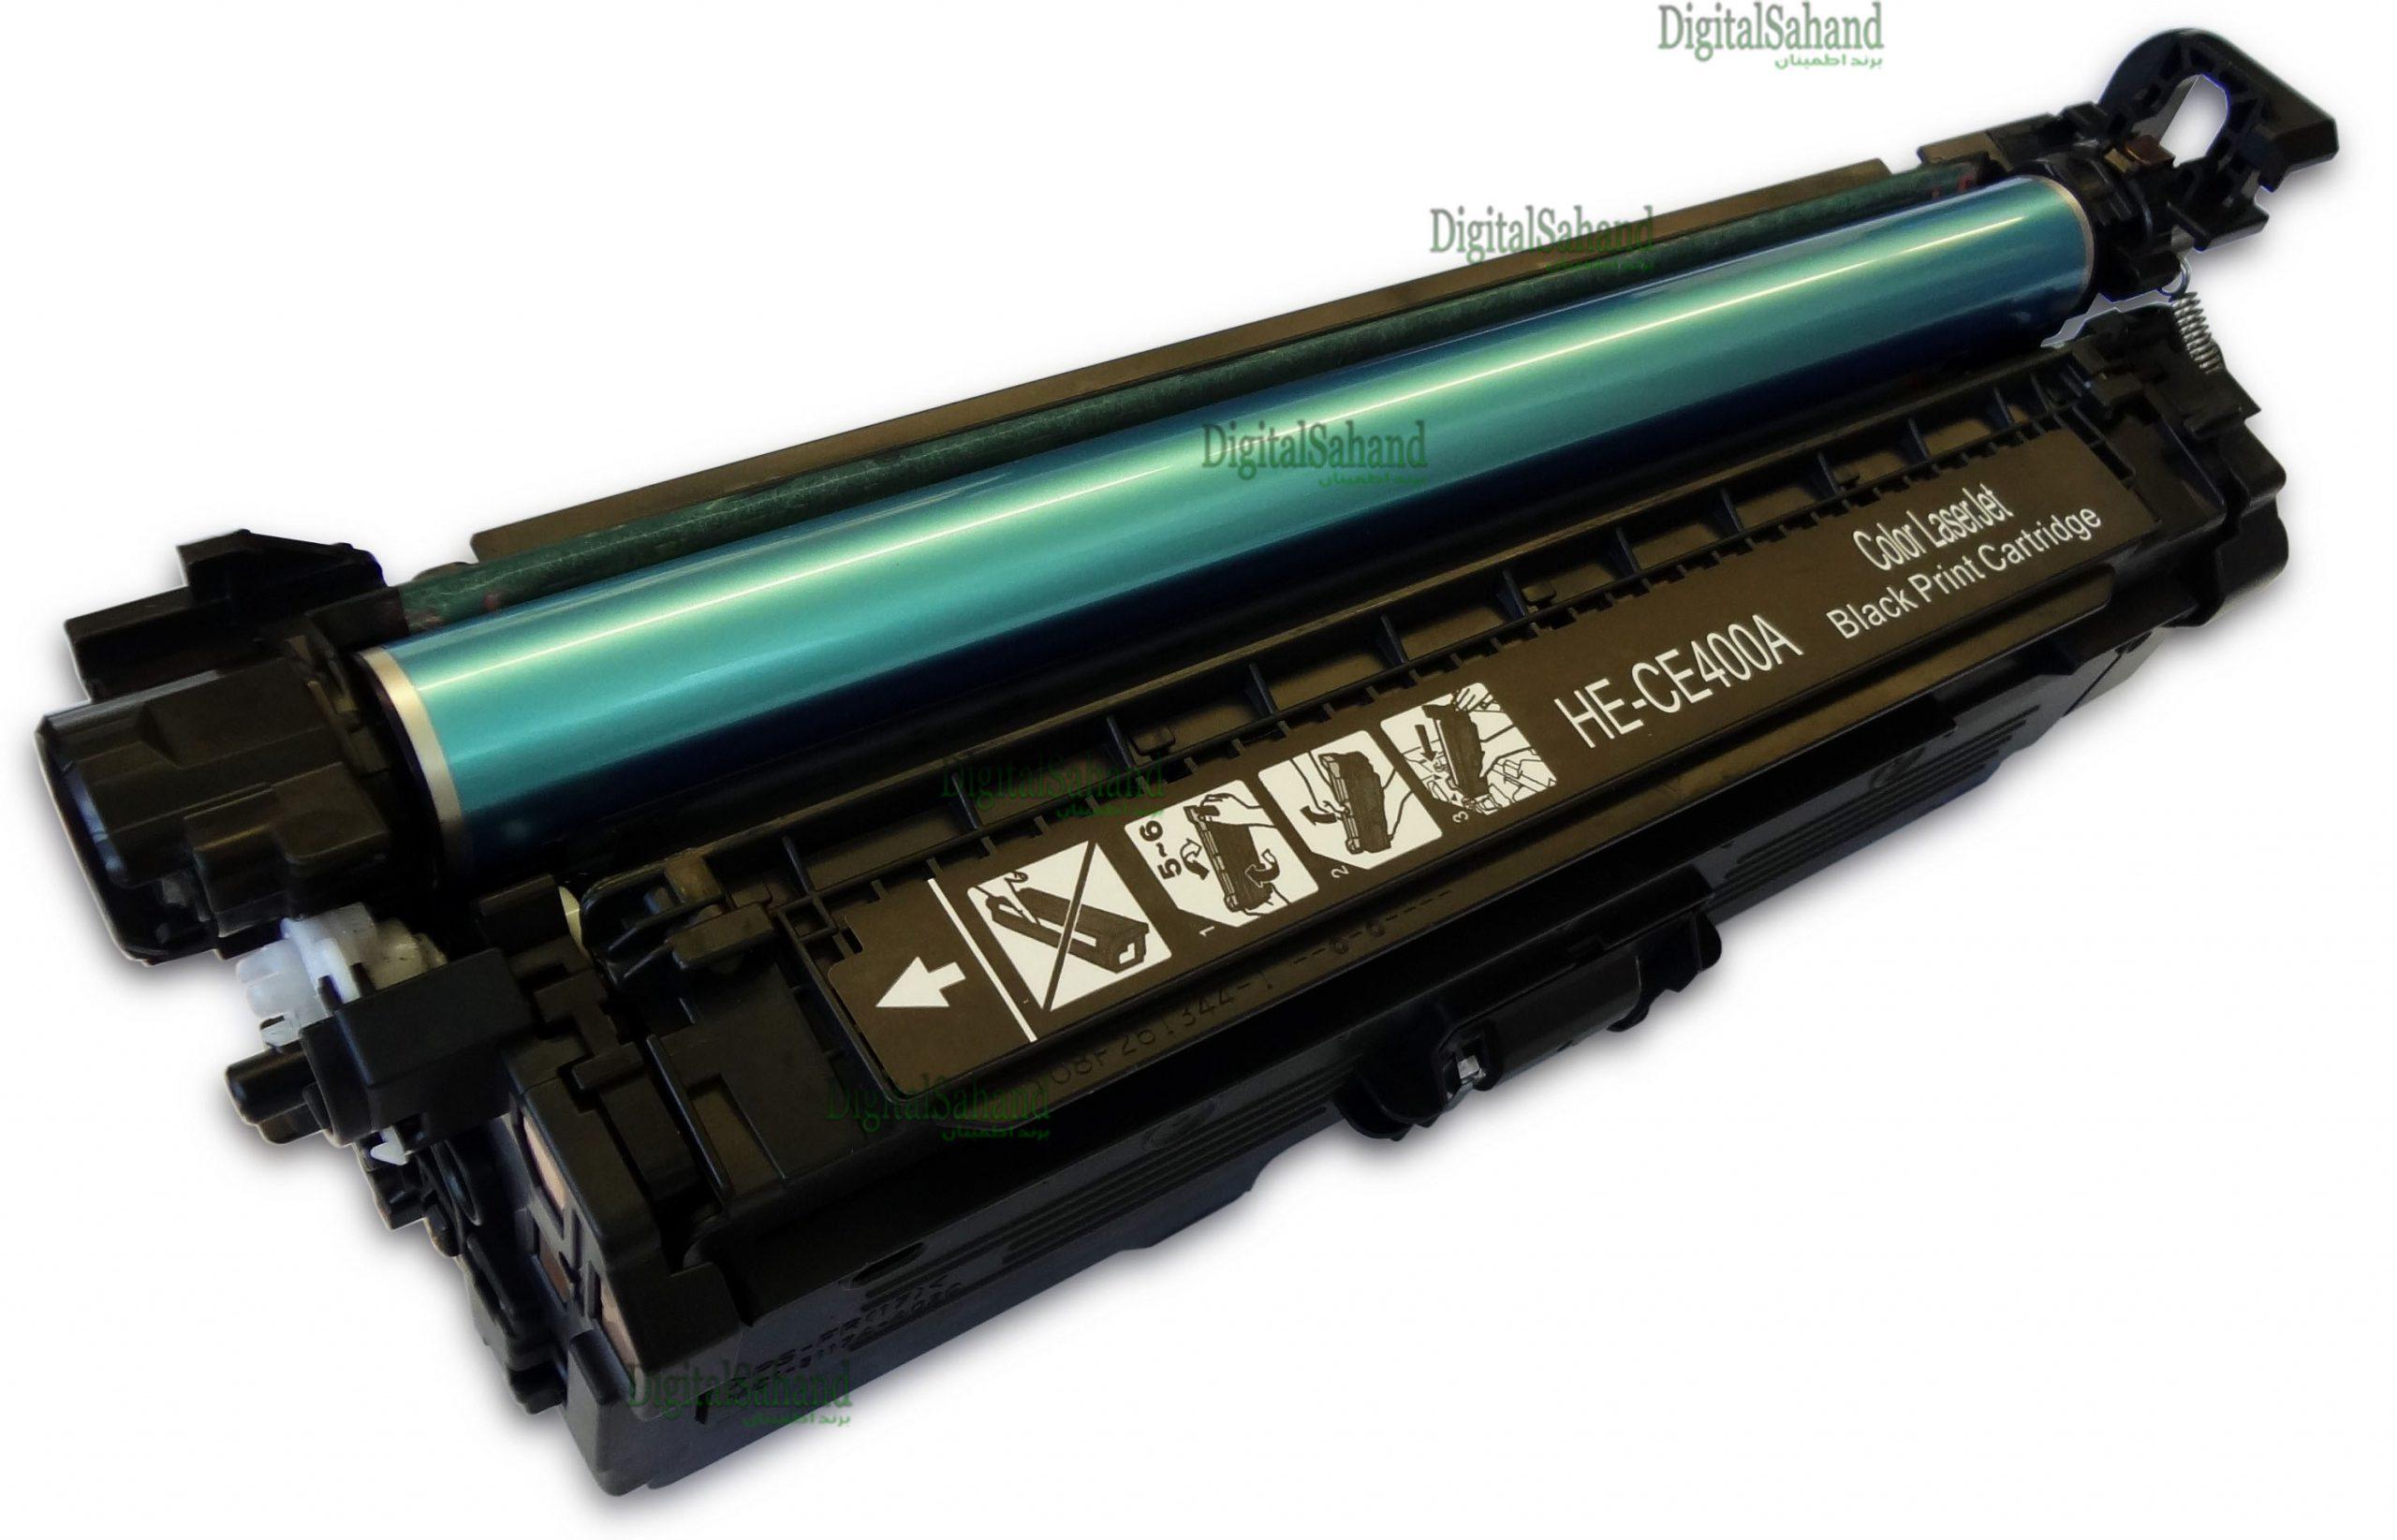 کارتریج تونر HP 507A BLACK